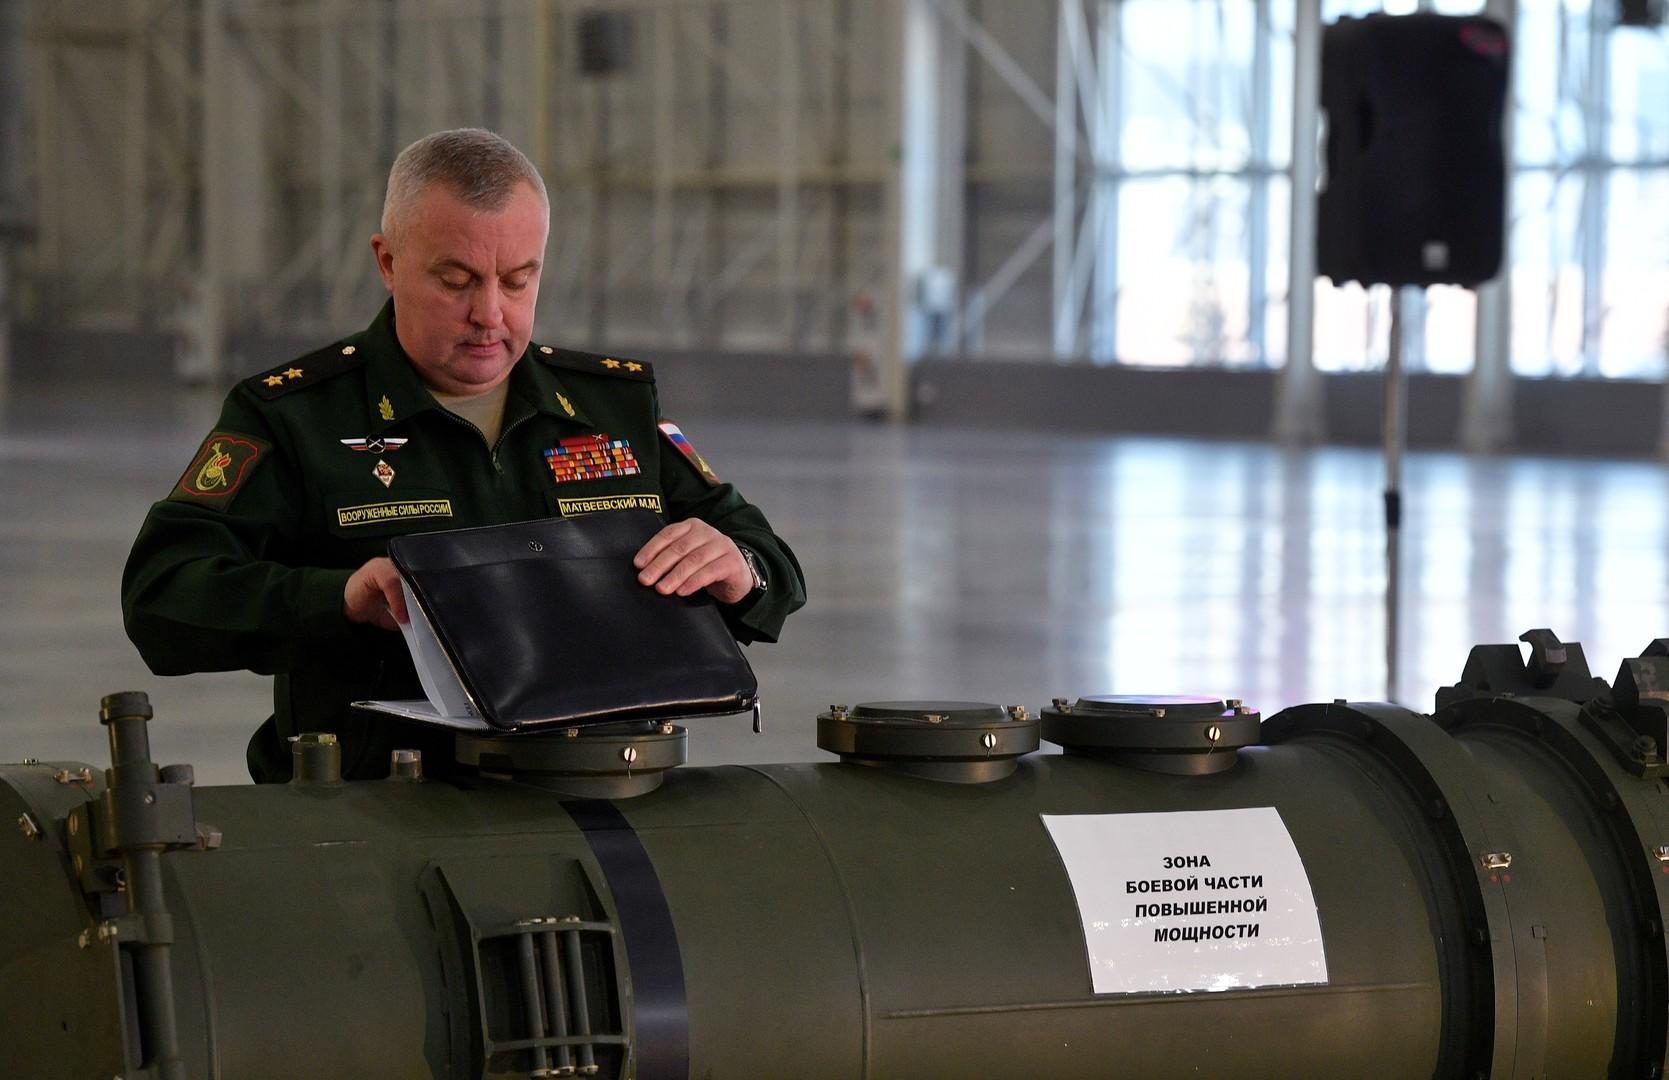 Zankapfel des INF-Vertrages – Russland veröffentlicht technische Details des Marschflugkörpers 9M729